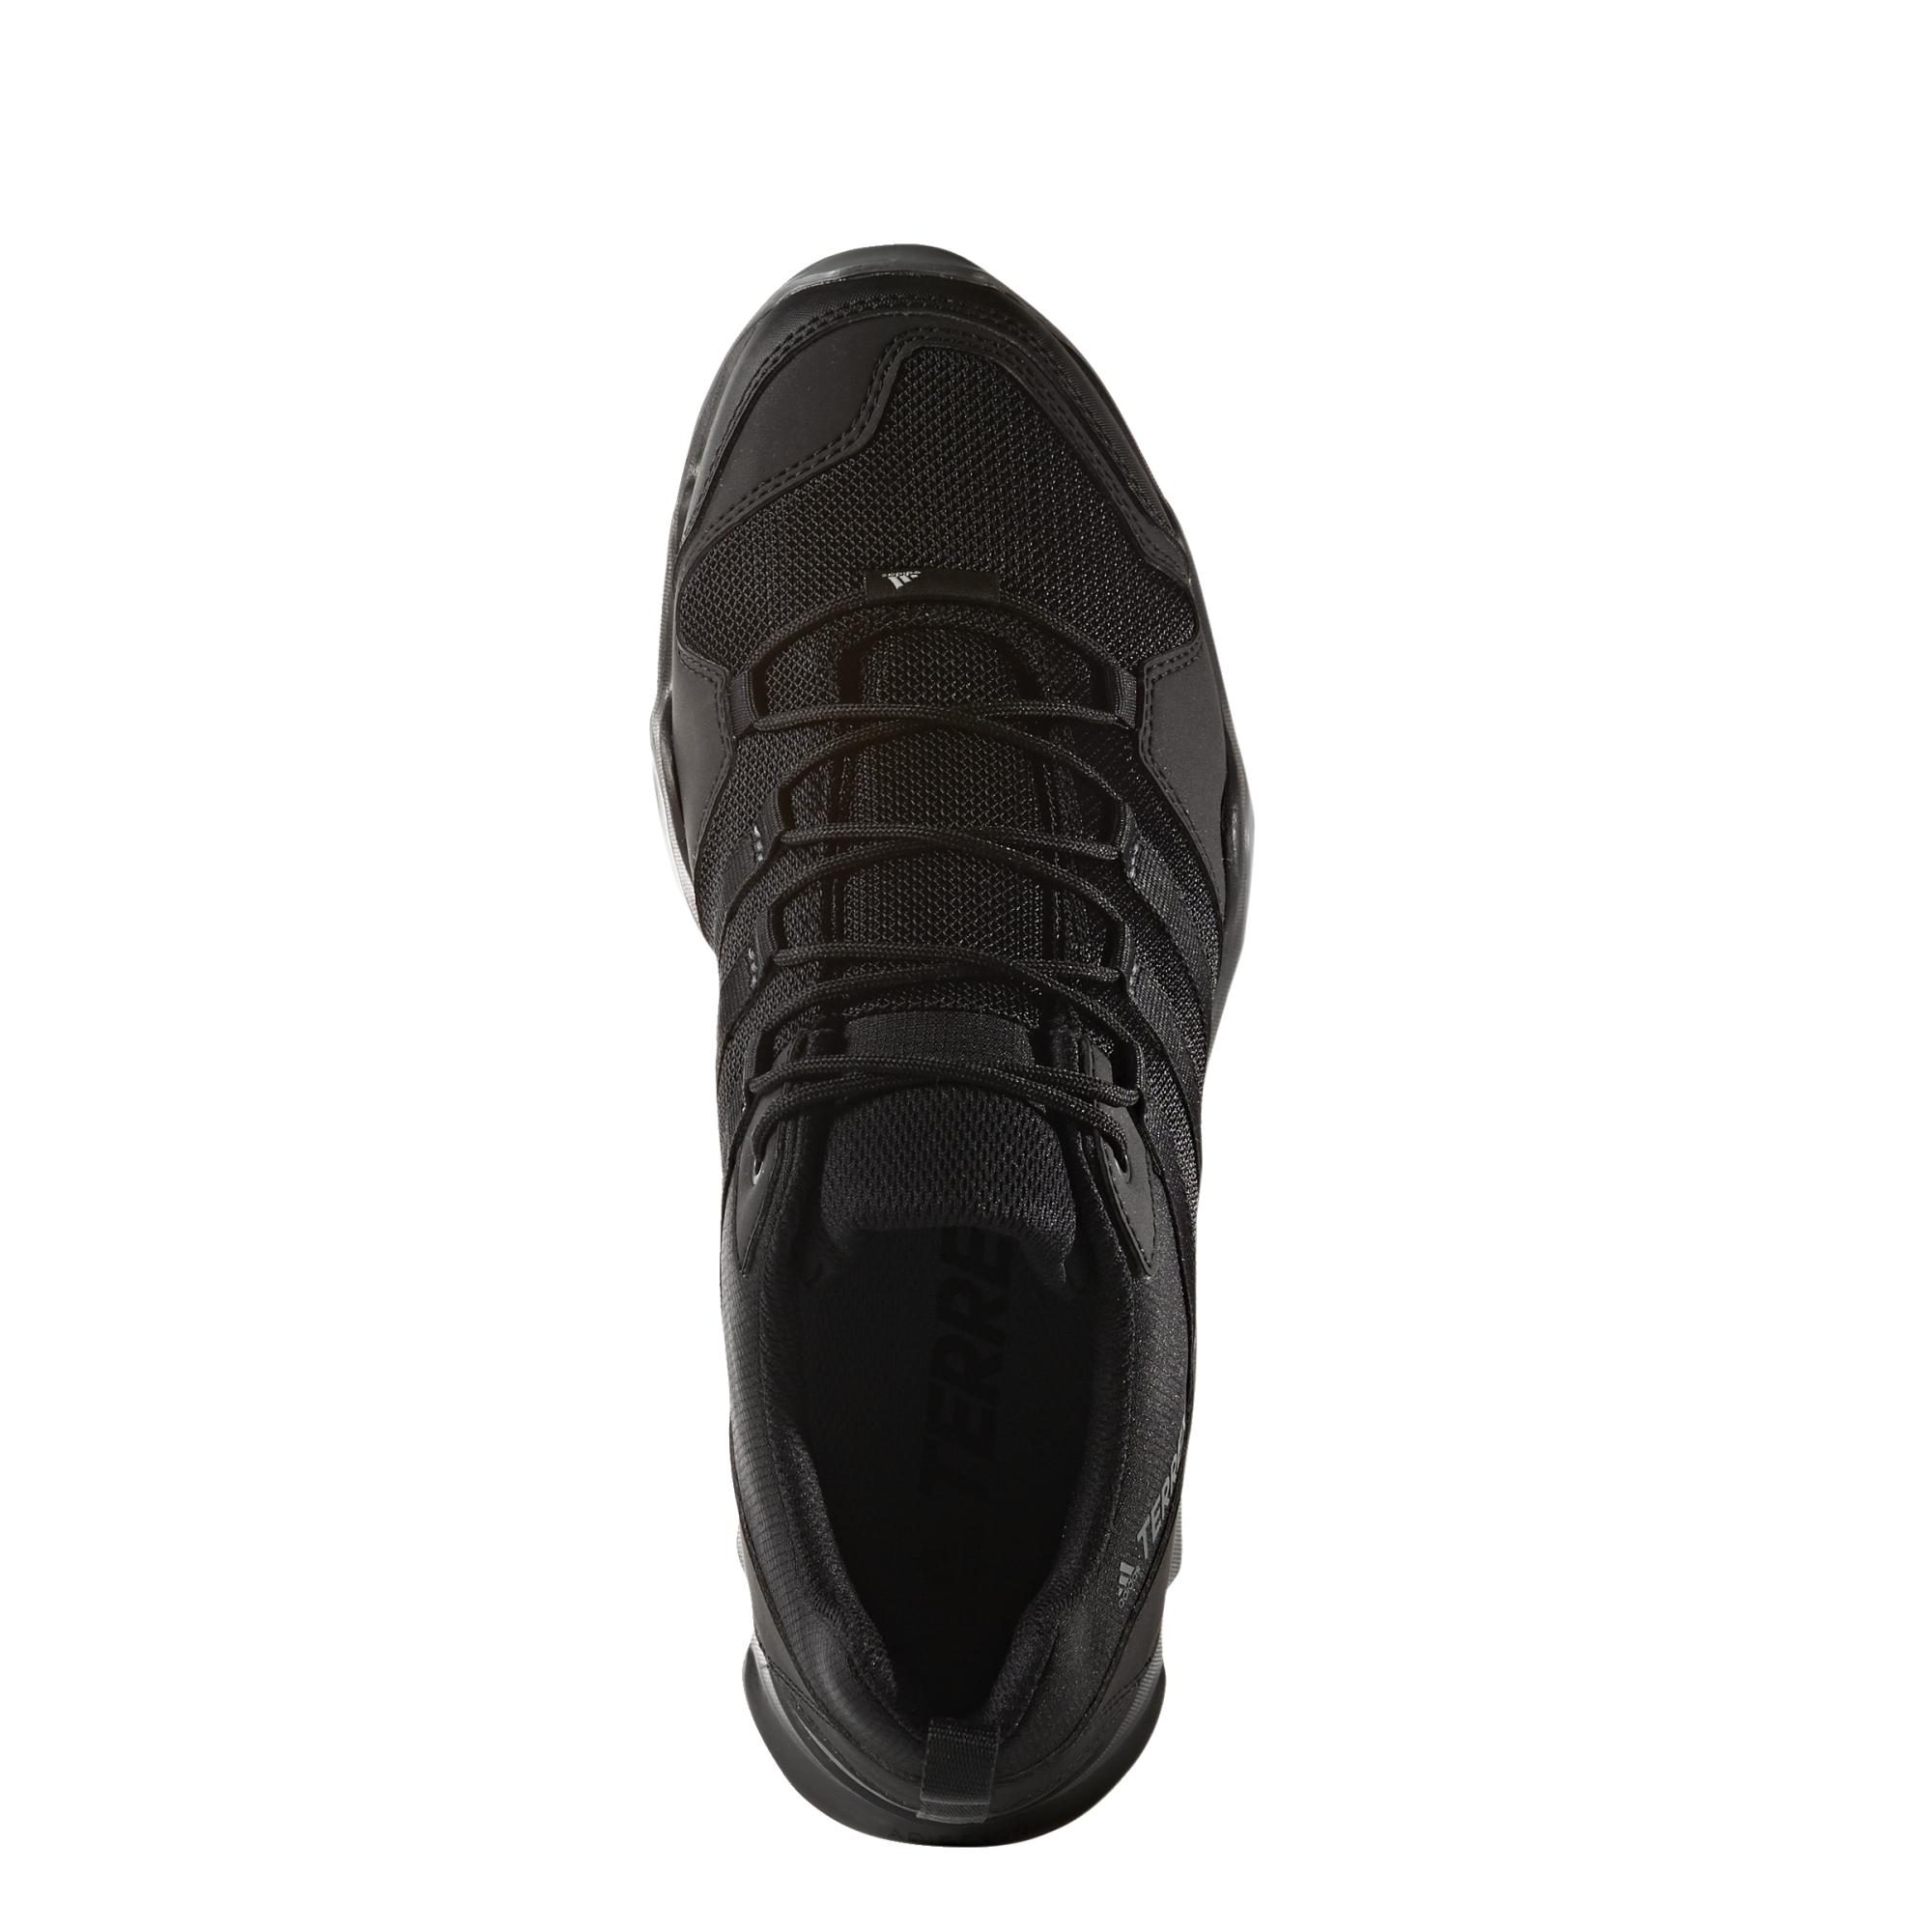 cb63154f38cbb0 buty męskie adidas terrex najtańsze|Darmowa dostawa!